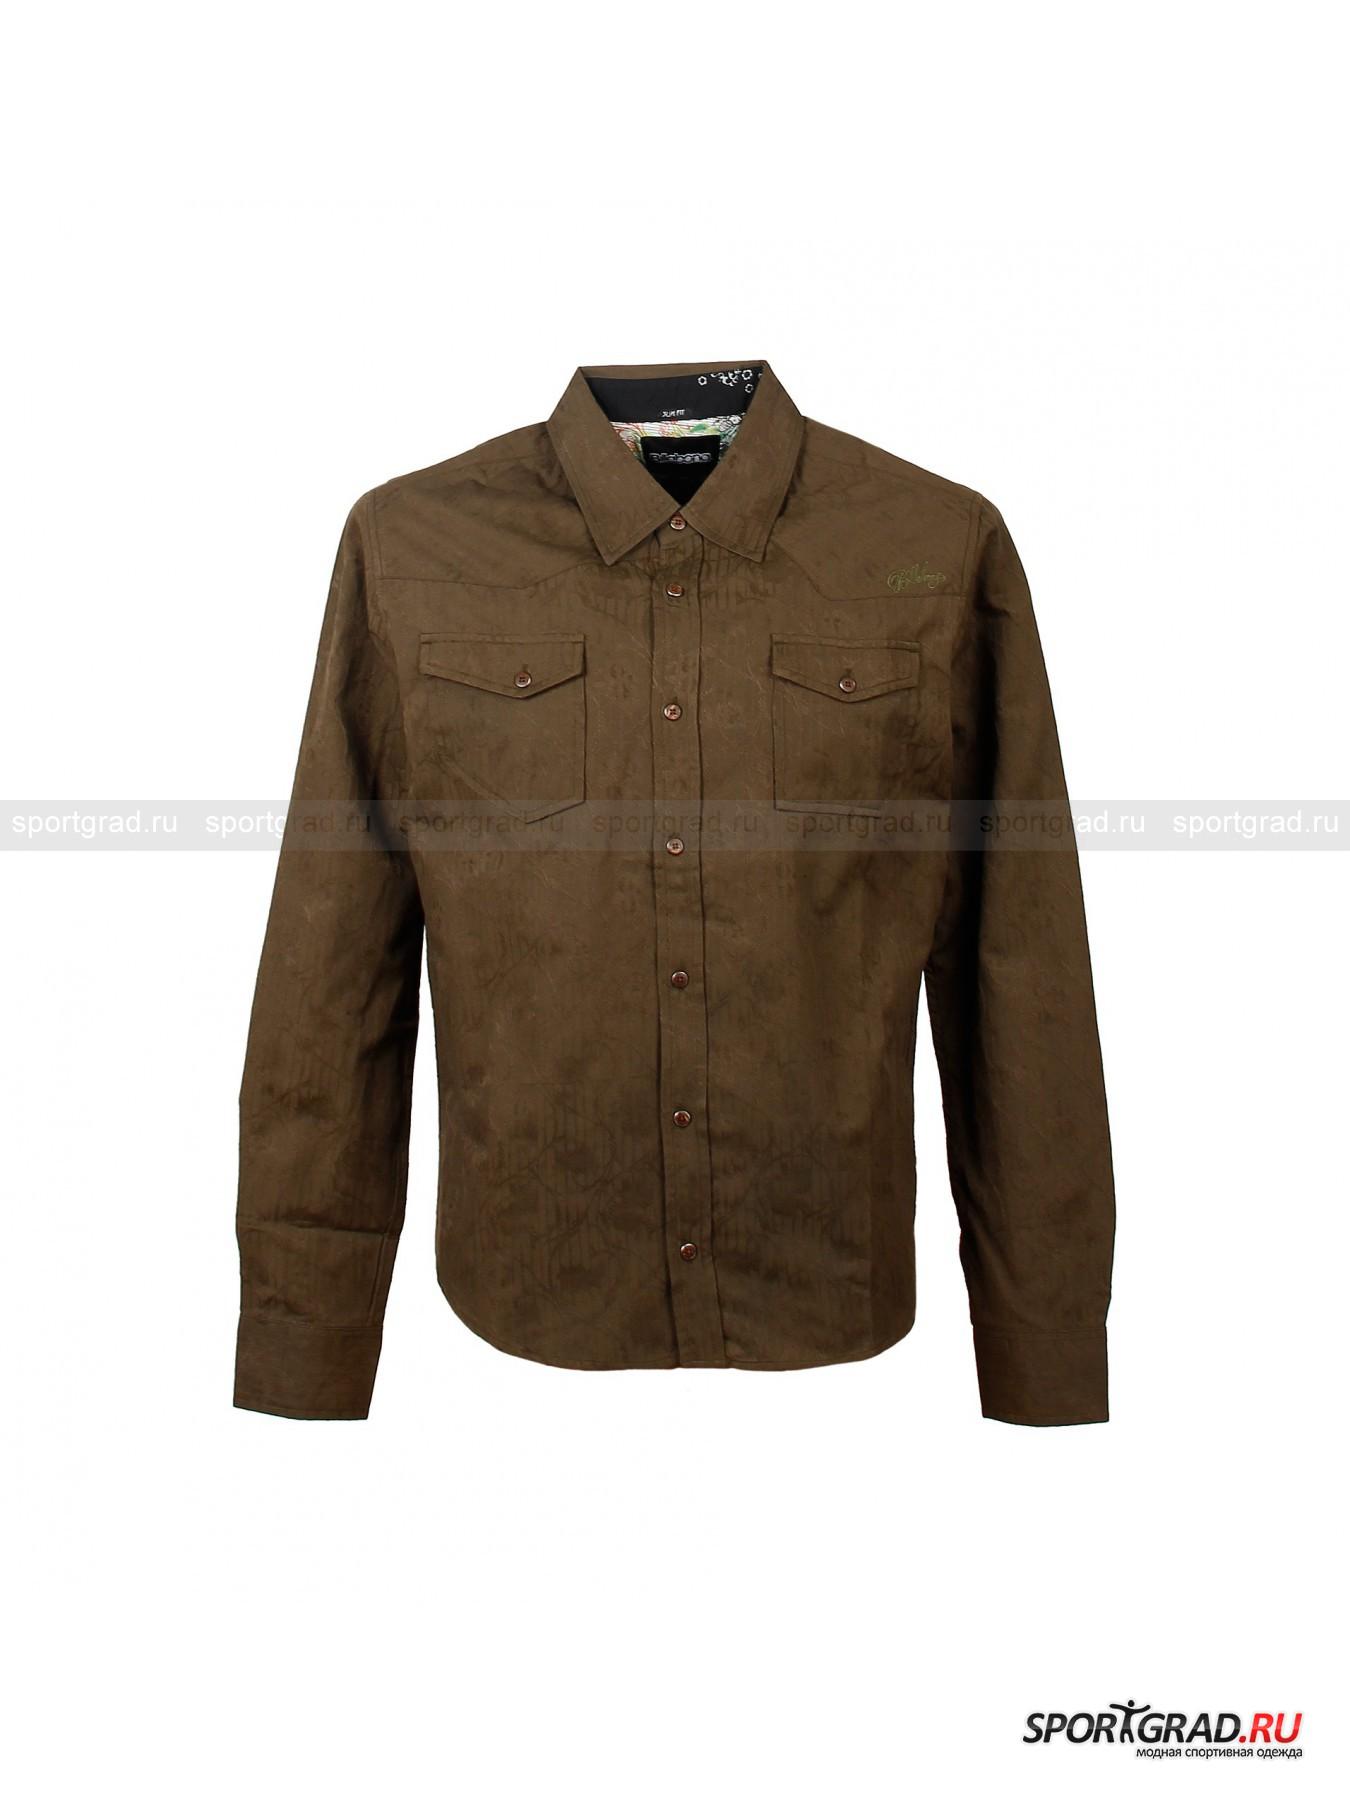 Рубашка мужская BILLABONG Thorn от Спортград